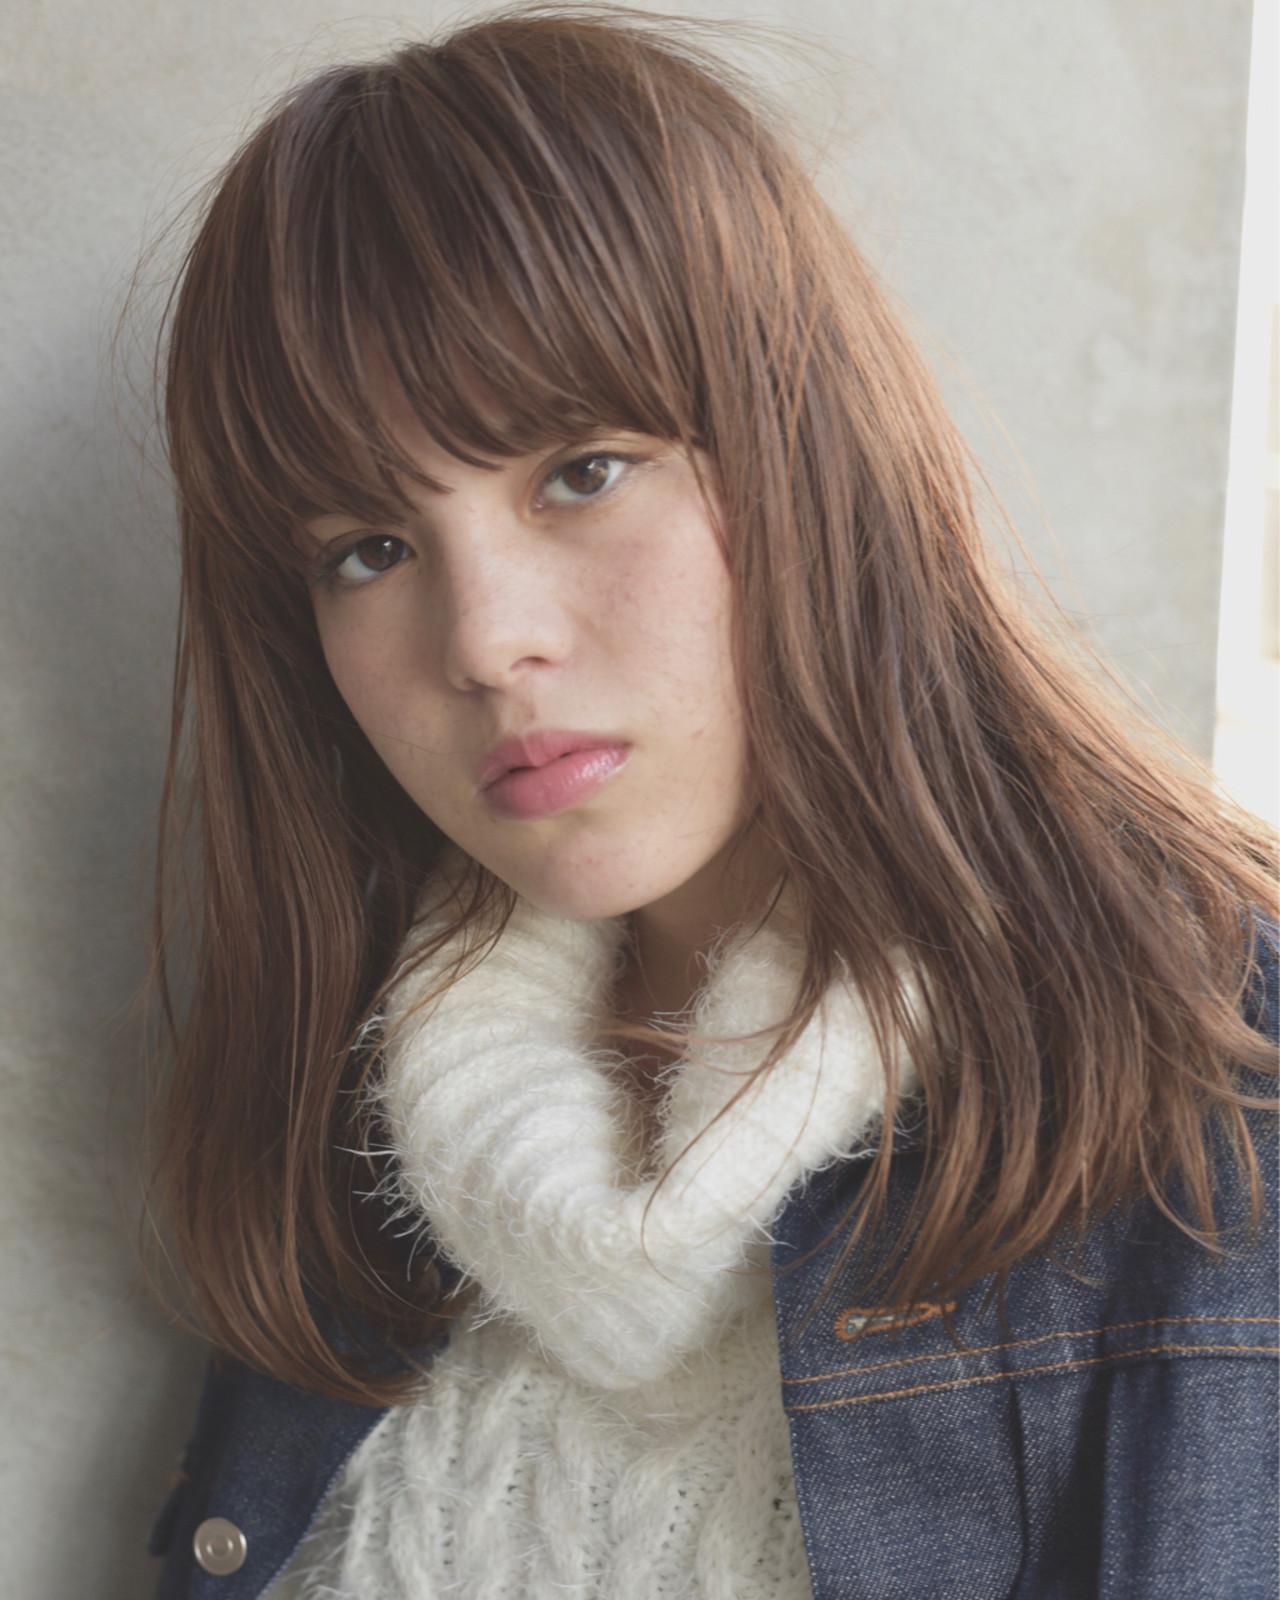 ミディアム 冬 ストリート パーマ ヘアスタイルや髪型の写真・画像 | 小島翔一郎 / depart表参道